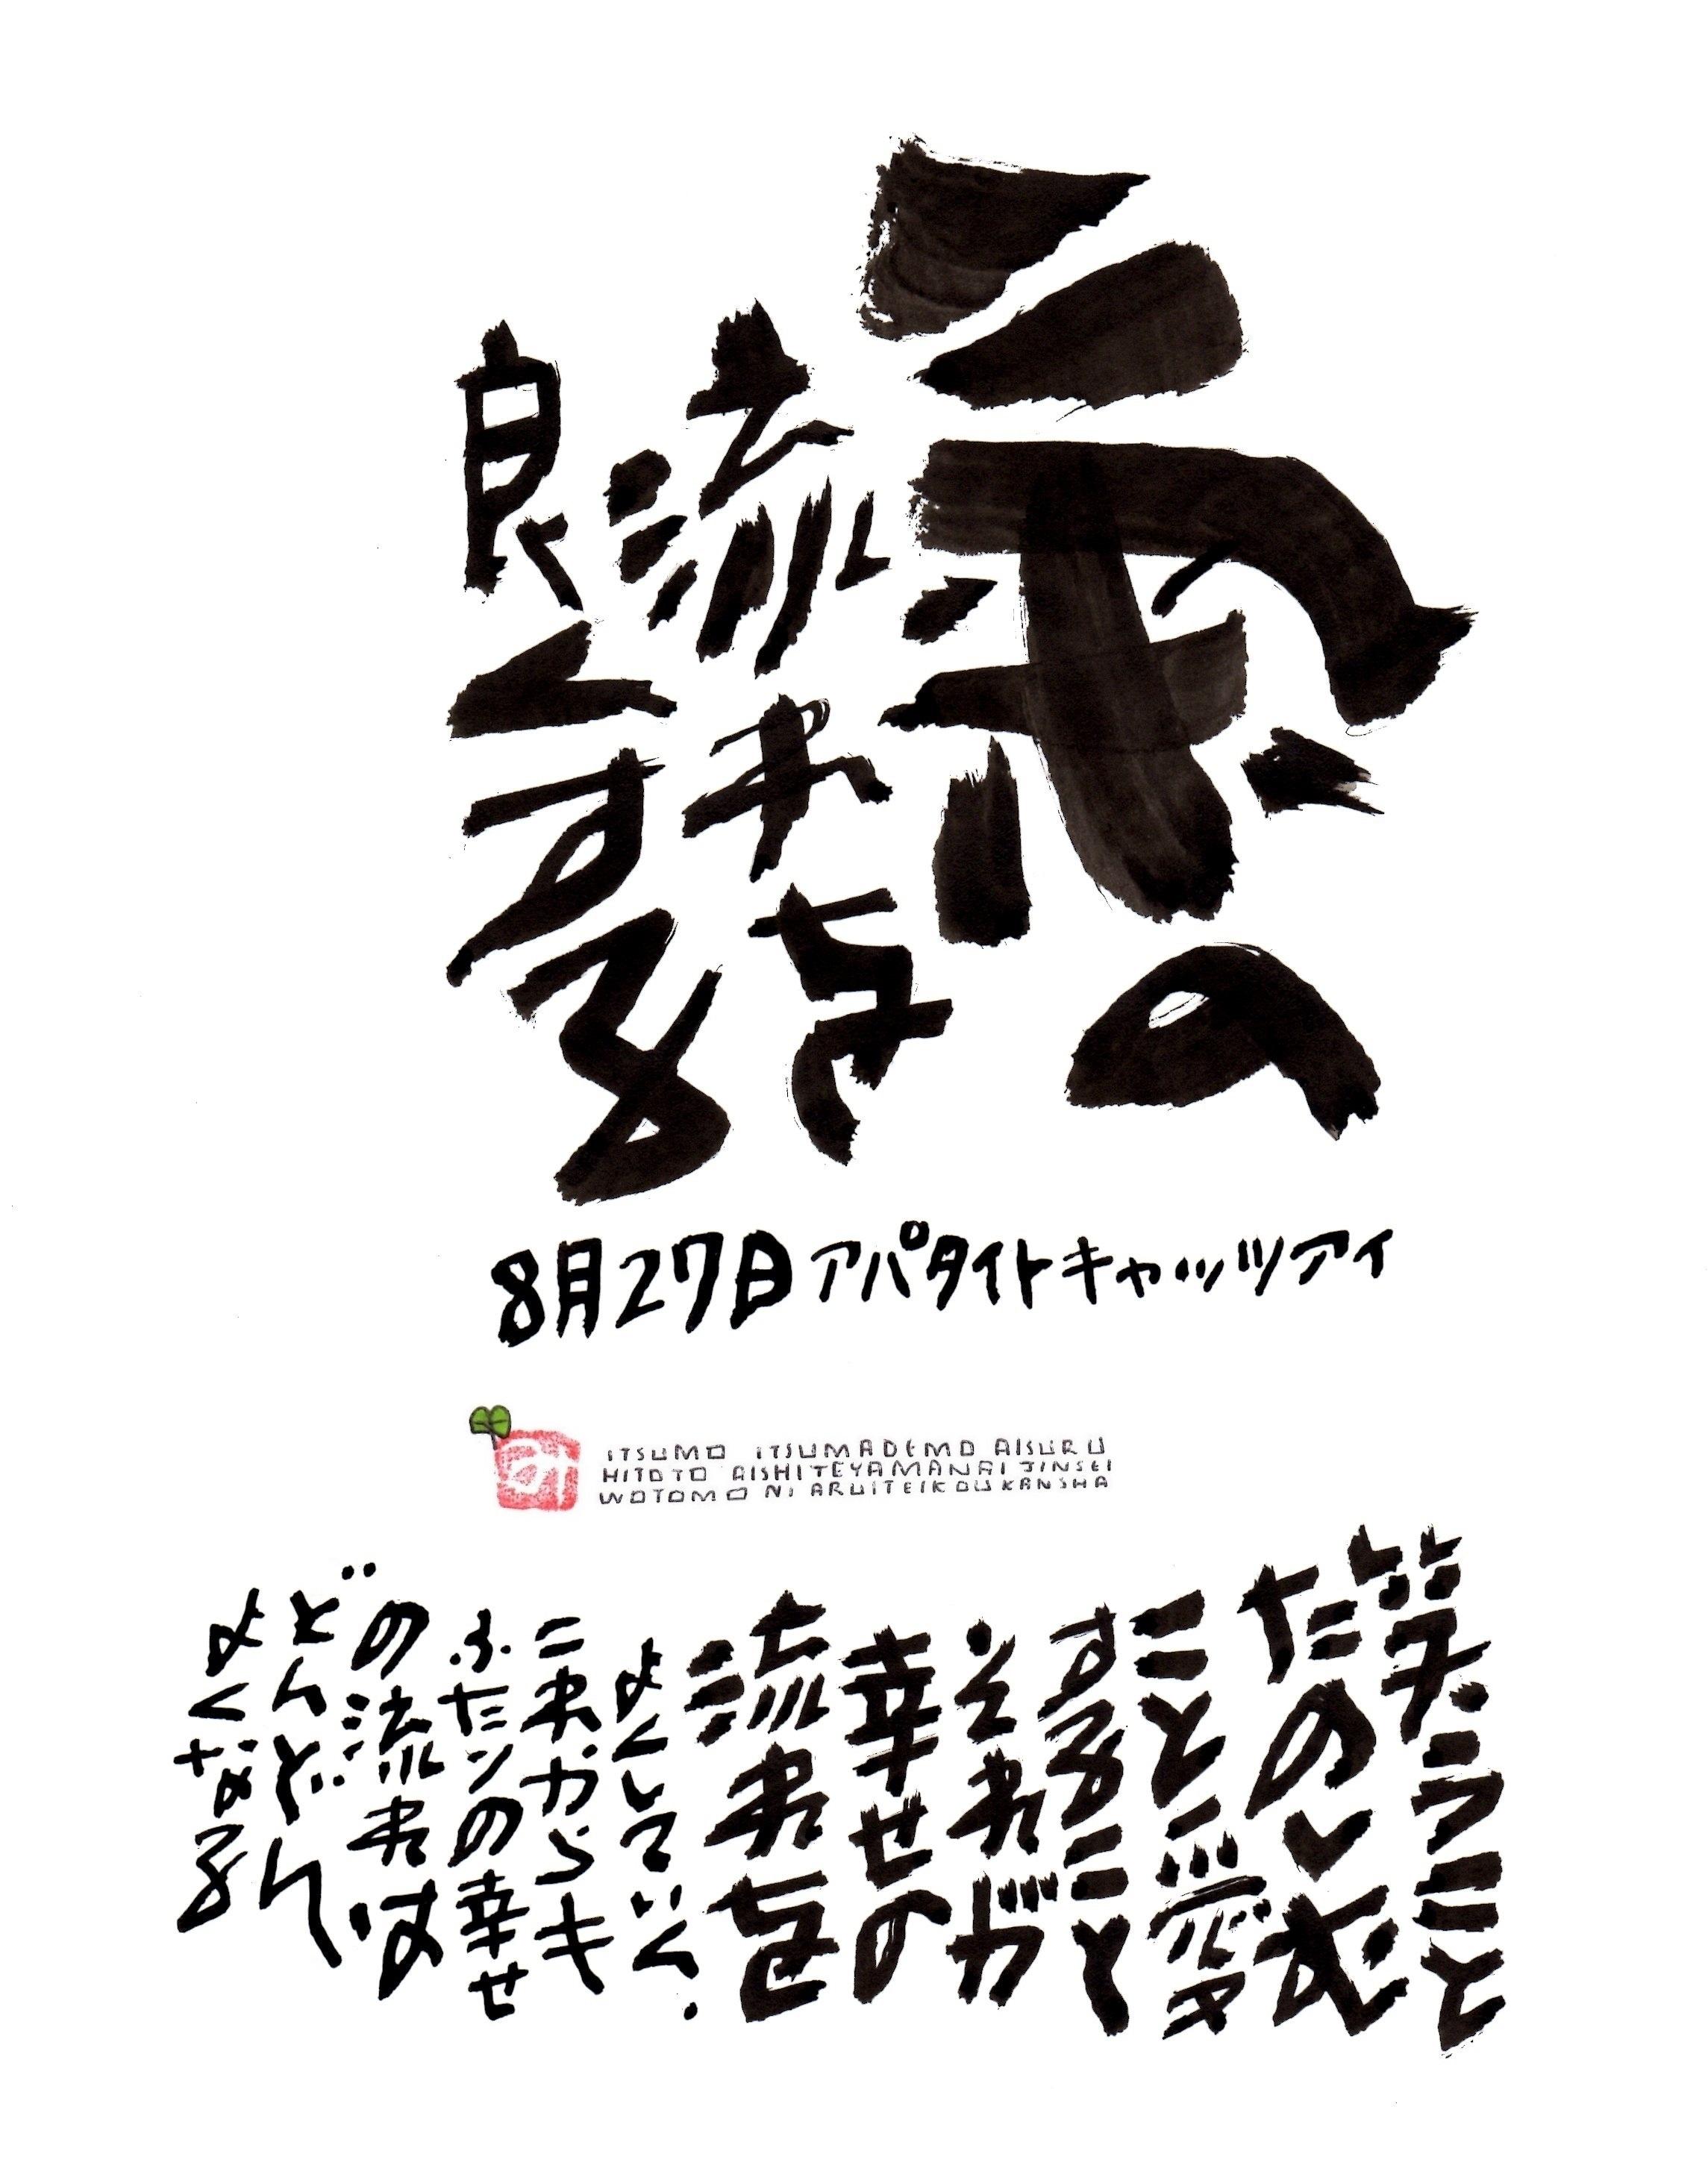 8月27日 結婚記念日ポストカード【気の流れを良くする】